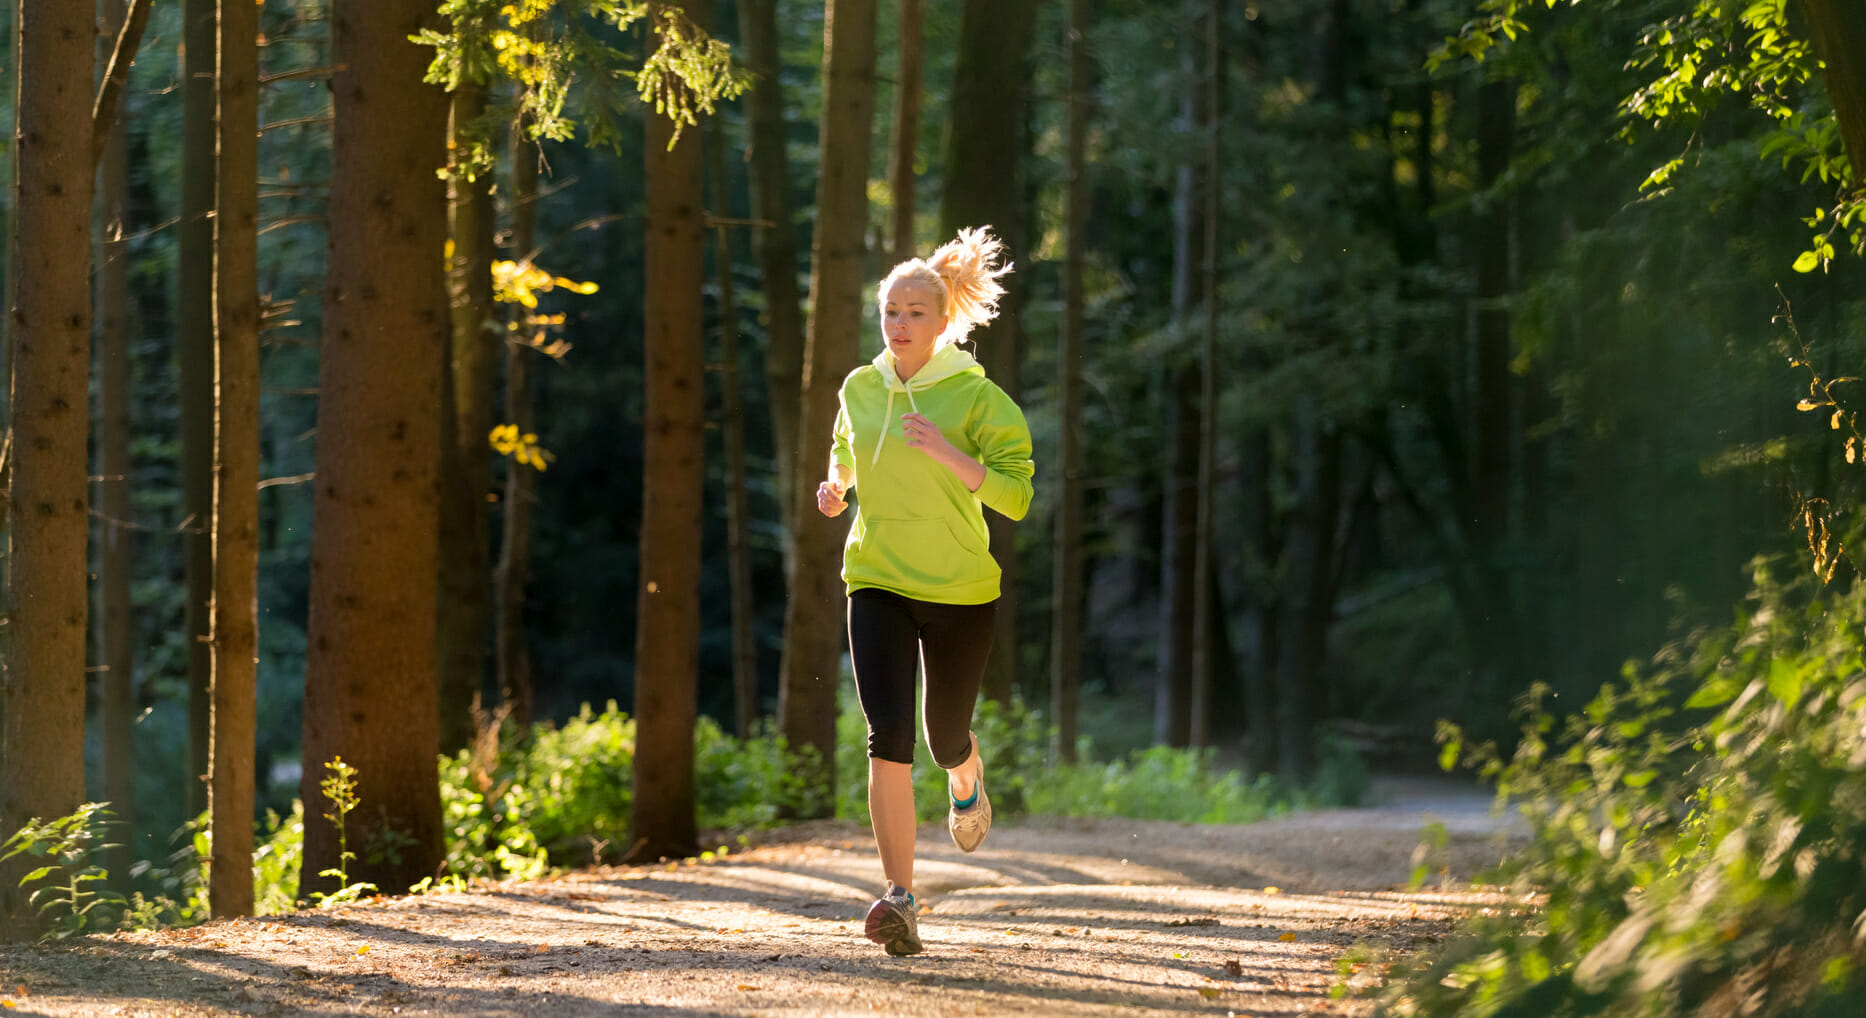 Entrenamiento de fibras rápidas y lentas a través del ejercicio